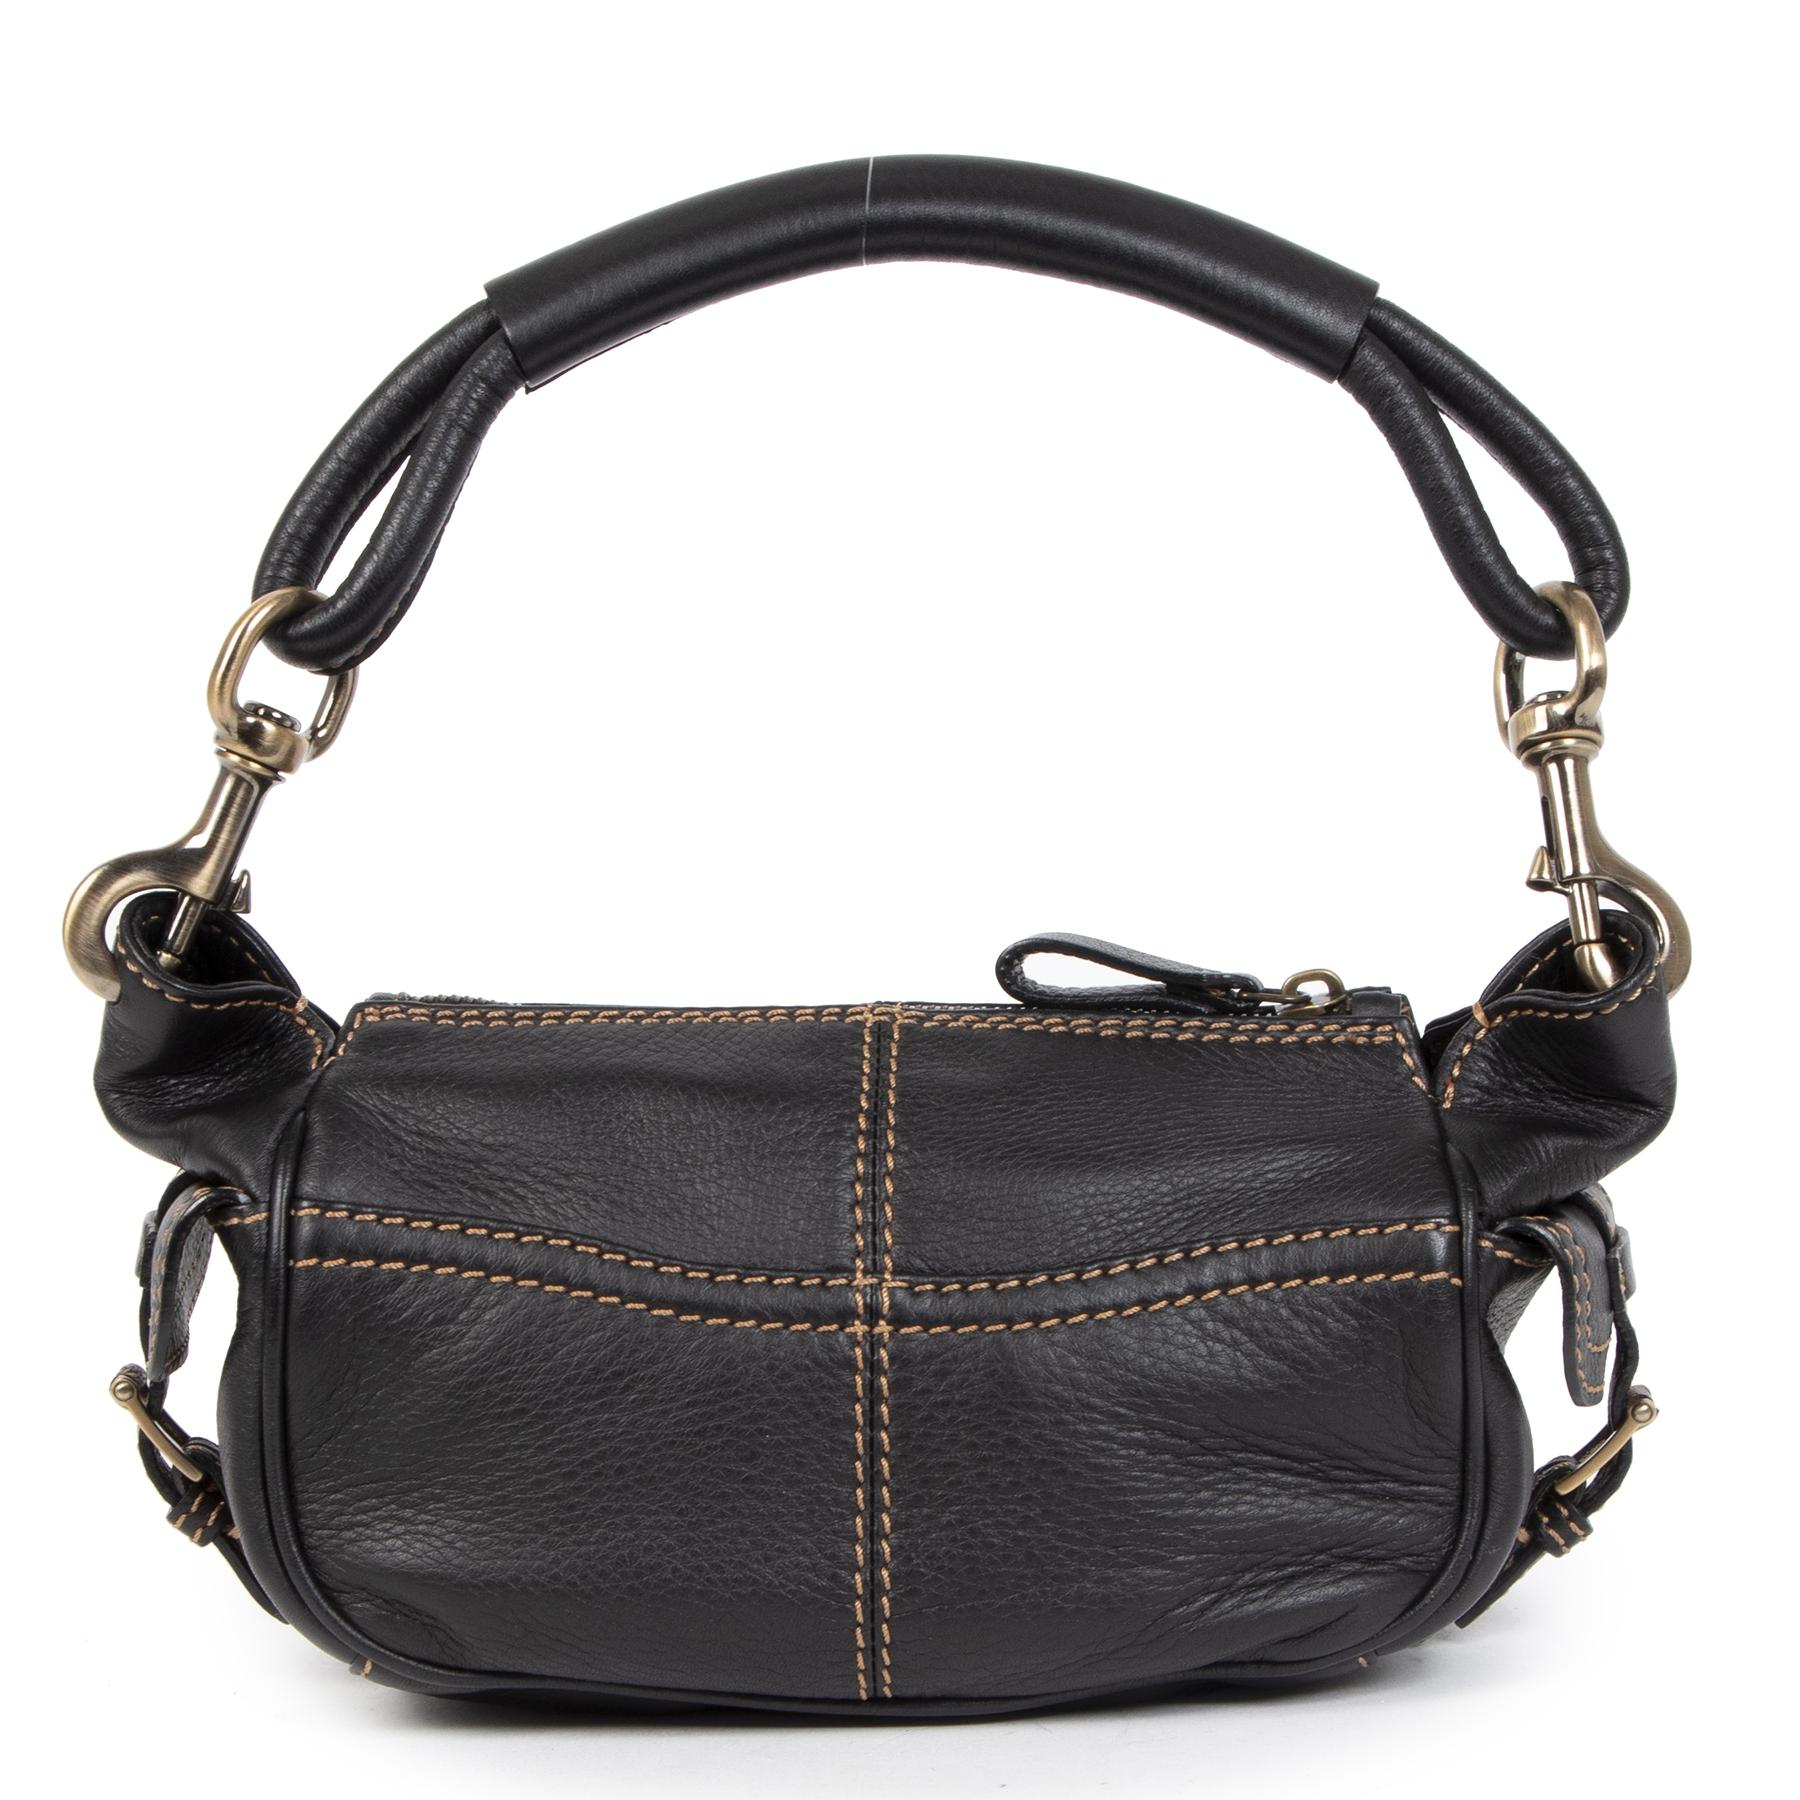 Authentieke Tweedehands Valentino Brown Leather Shoulder Bag Crystal V Logo juiste prijs veilig online shoppen luxe merken webshop winkelen Antwerpen België mode fashion